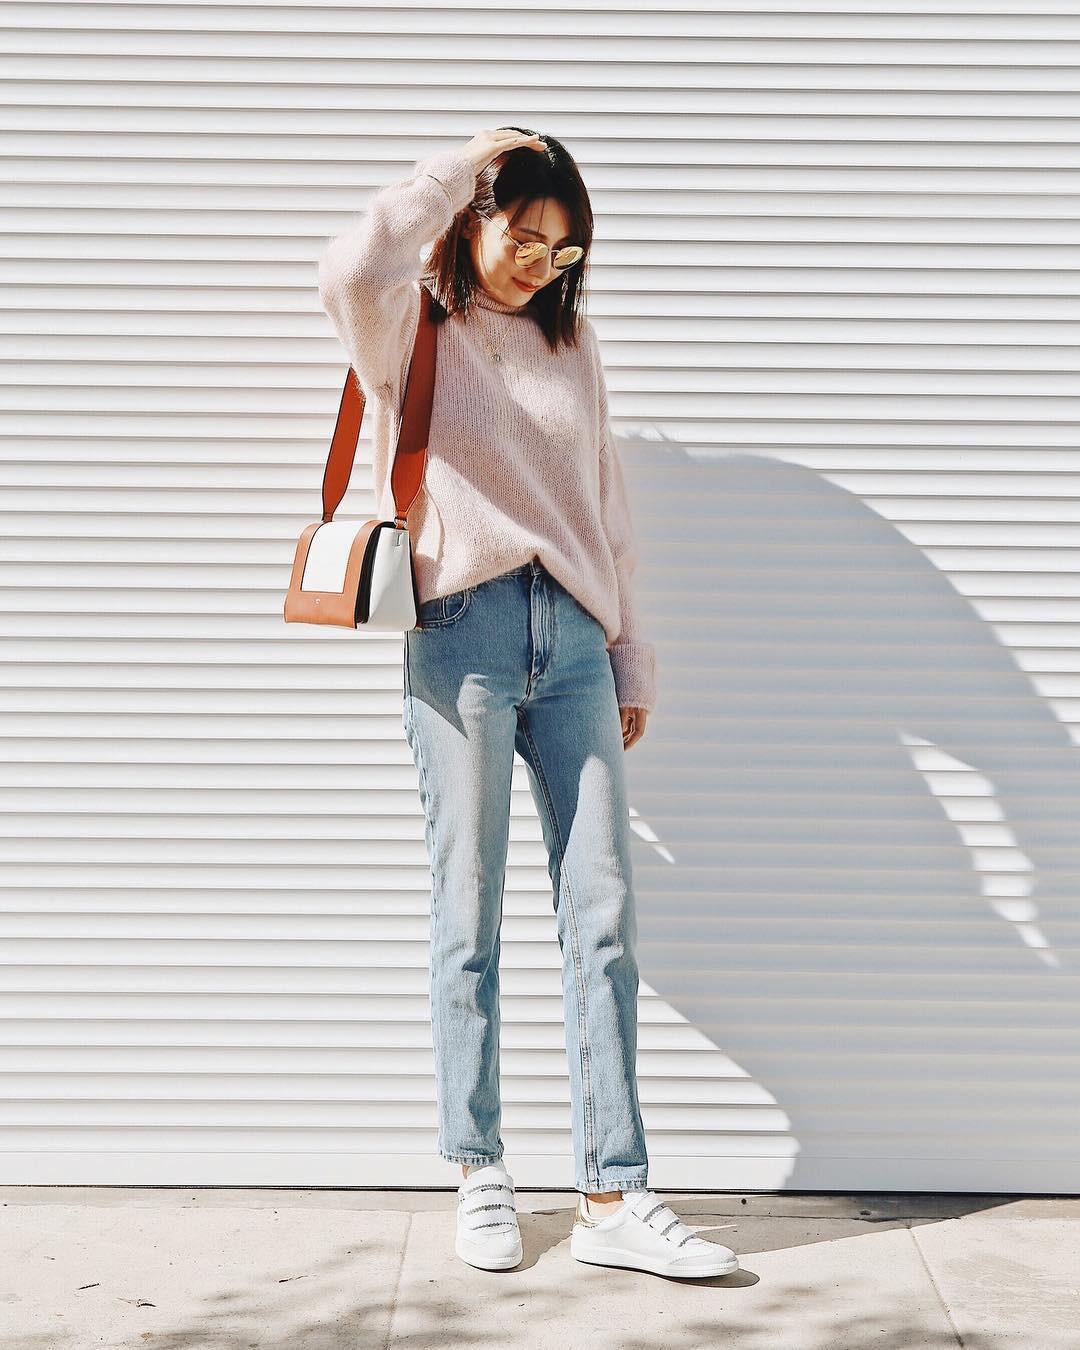 """Trở thành BTV thời trang, cô nàng này đã """"giác ngộ"""" được 3 items nên loại khỏi tủ đồ để sở hữu style chỉn chu và tinh tế - Ảnh 3"""